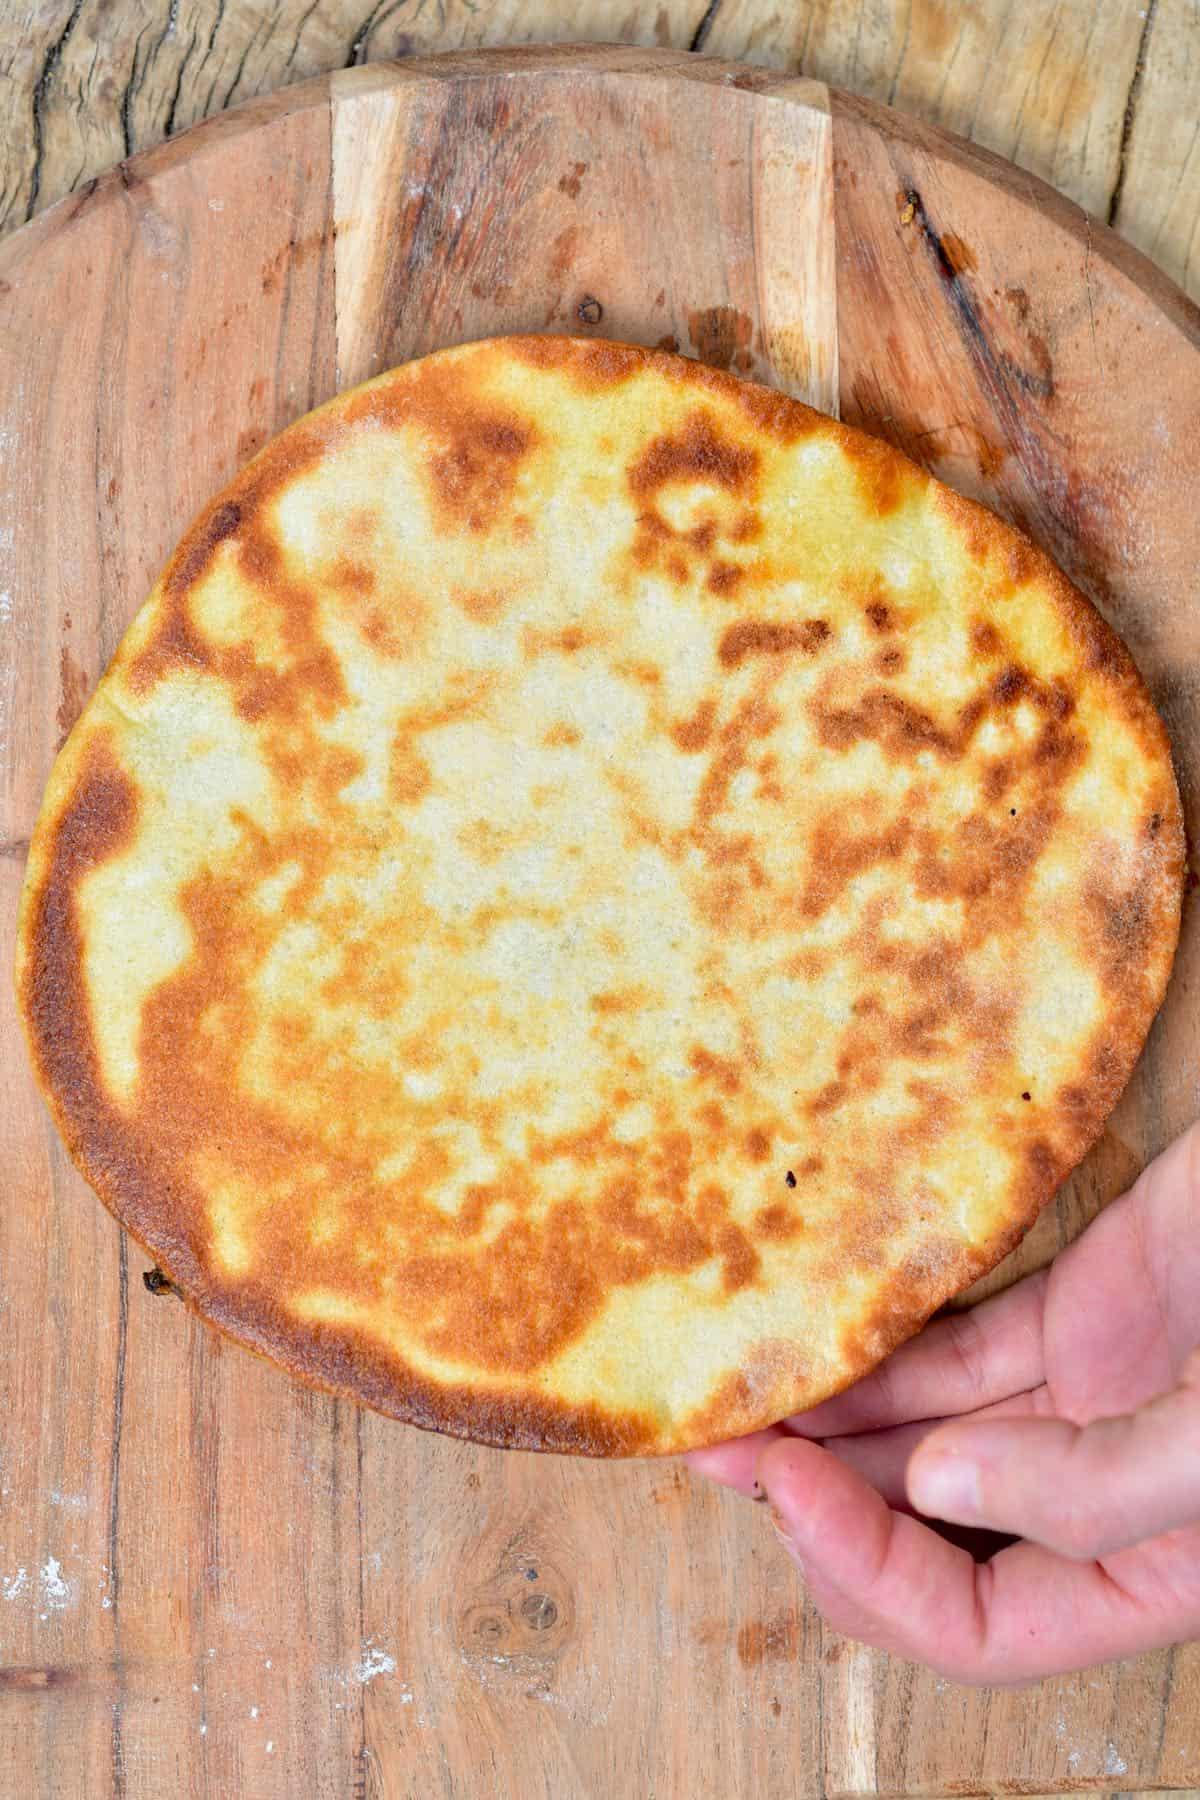 Middle eastern flatbread / manakish